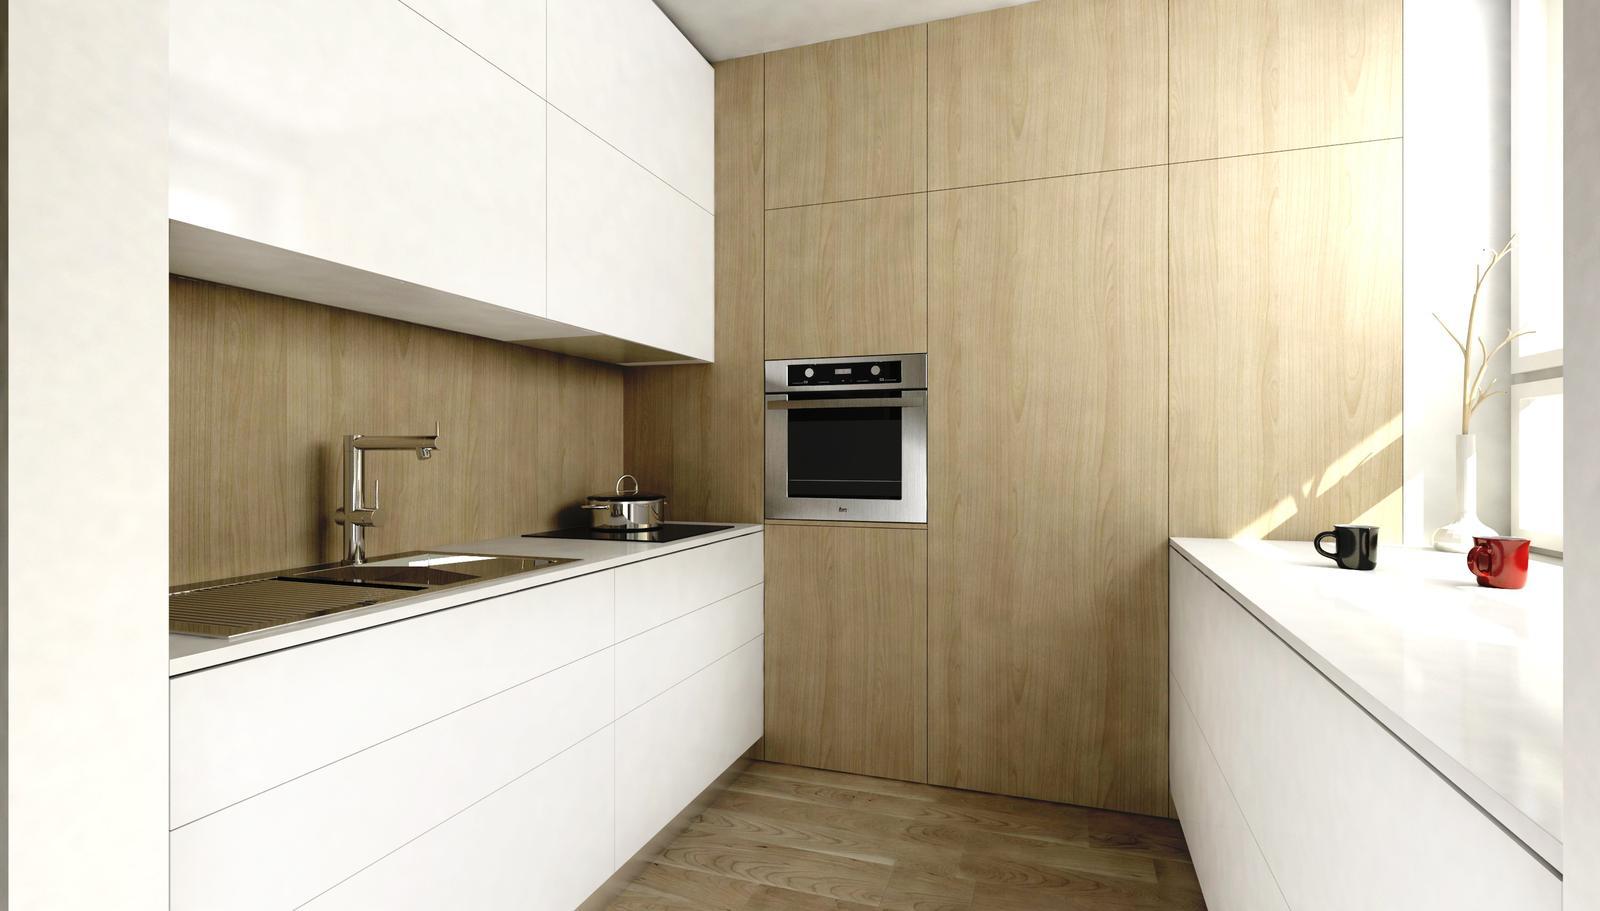 Interiér - vizualizácia kuchyne